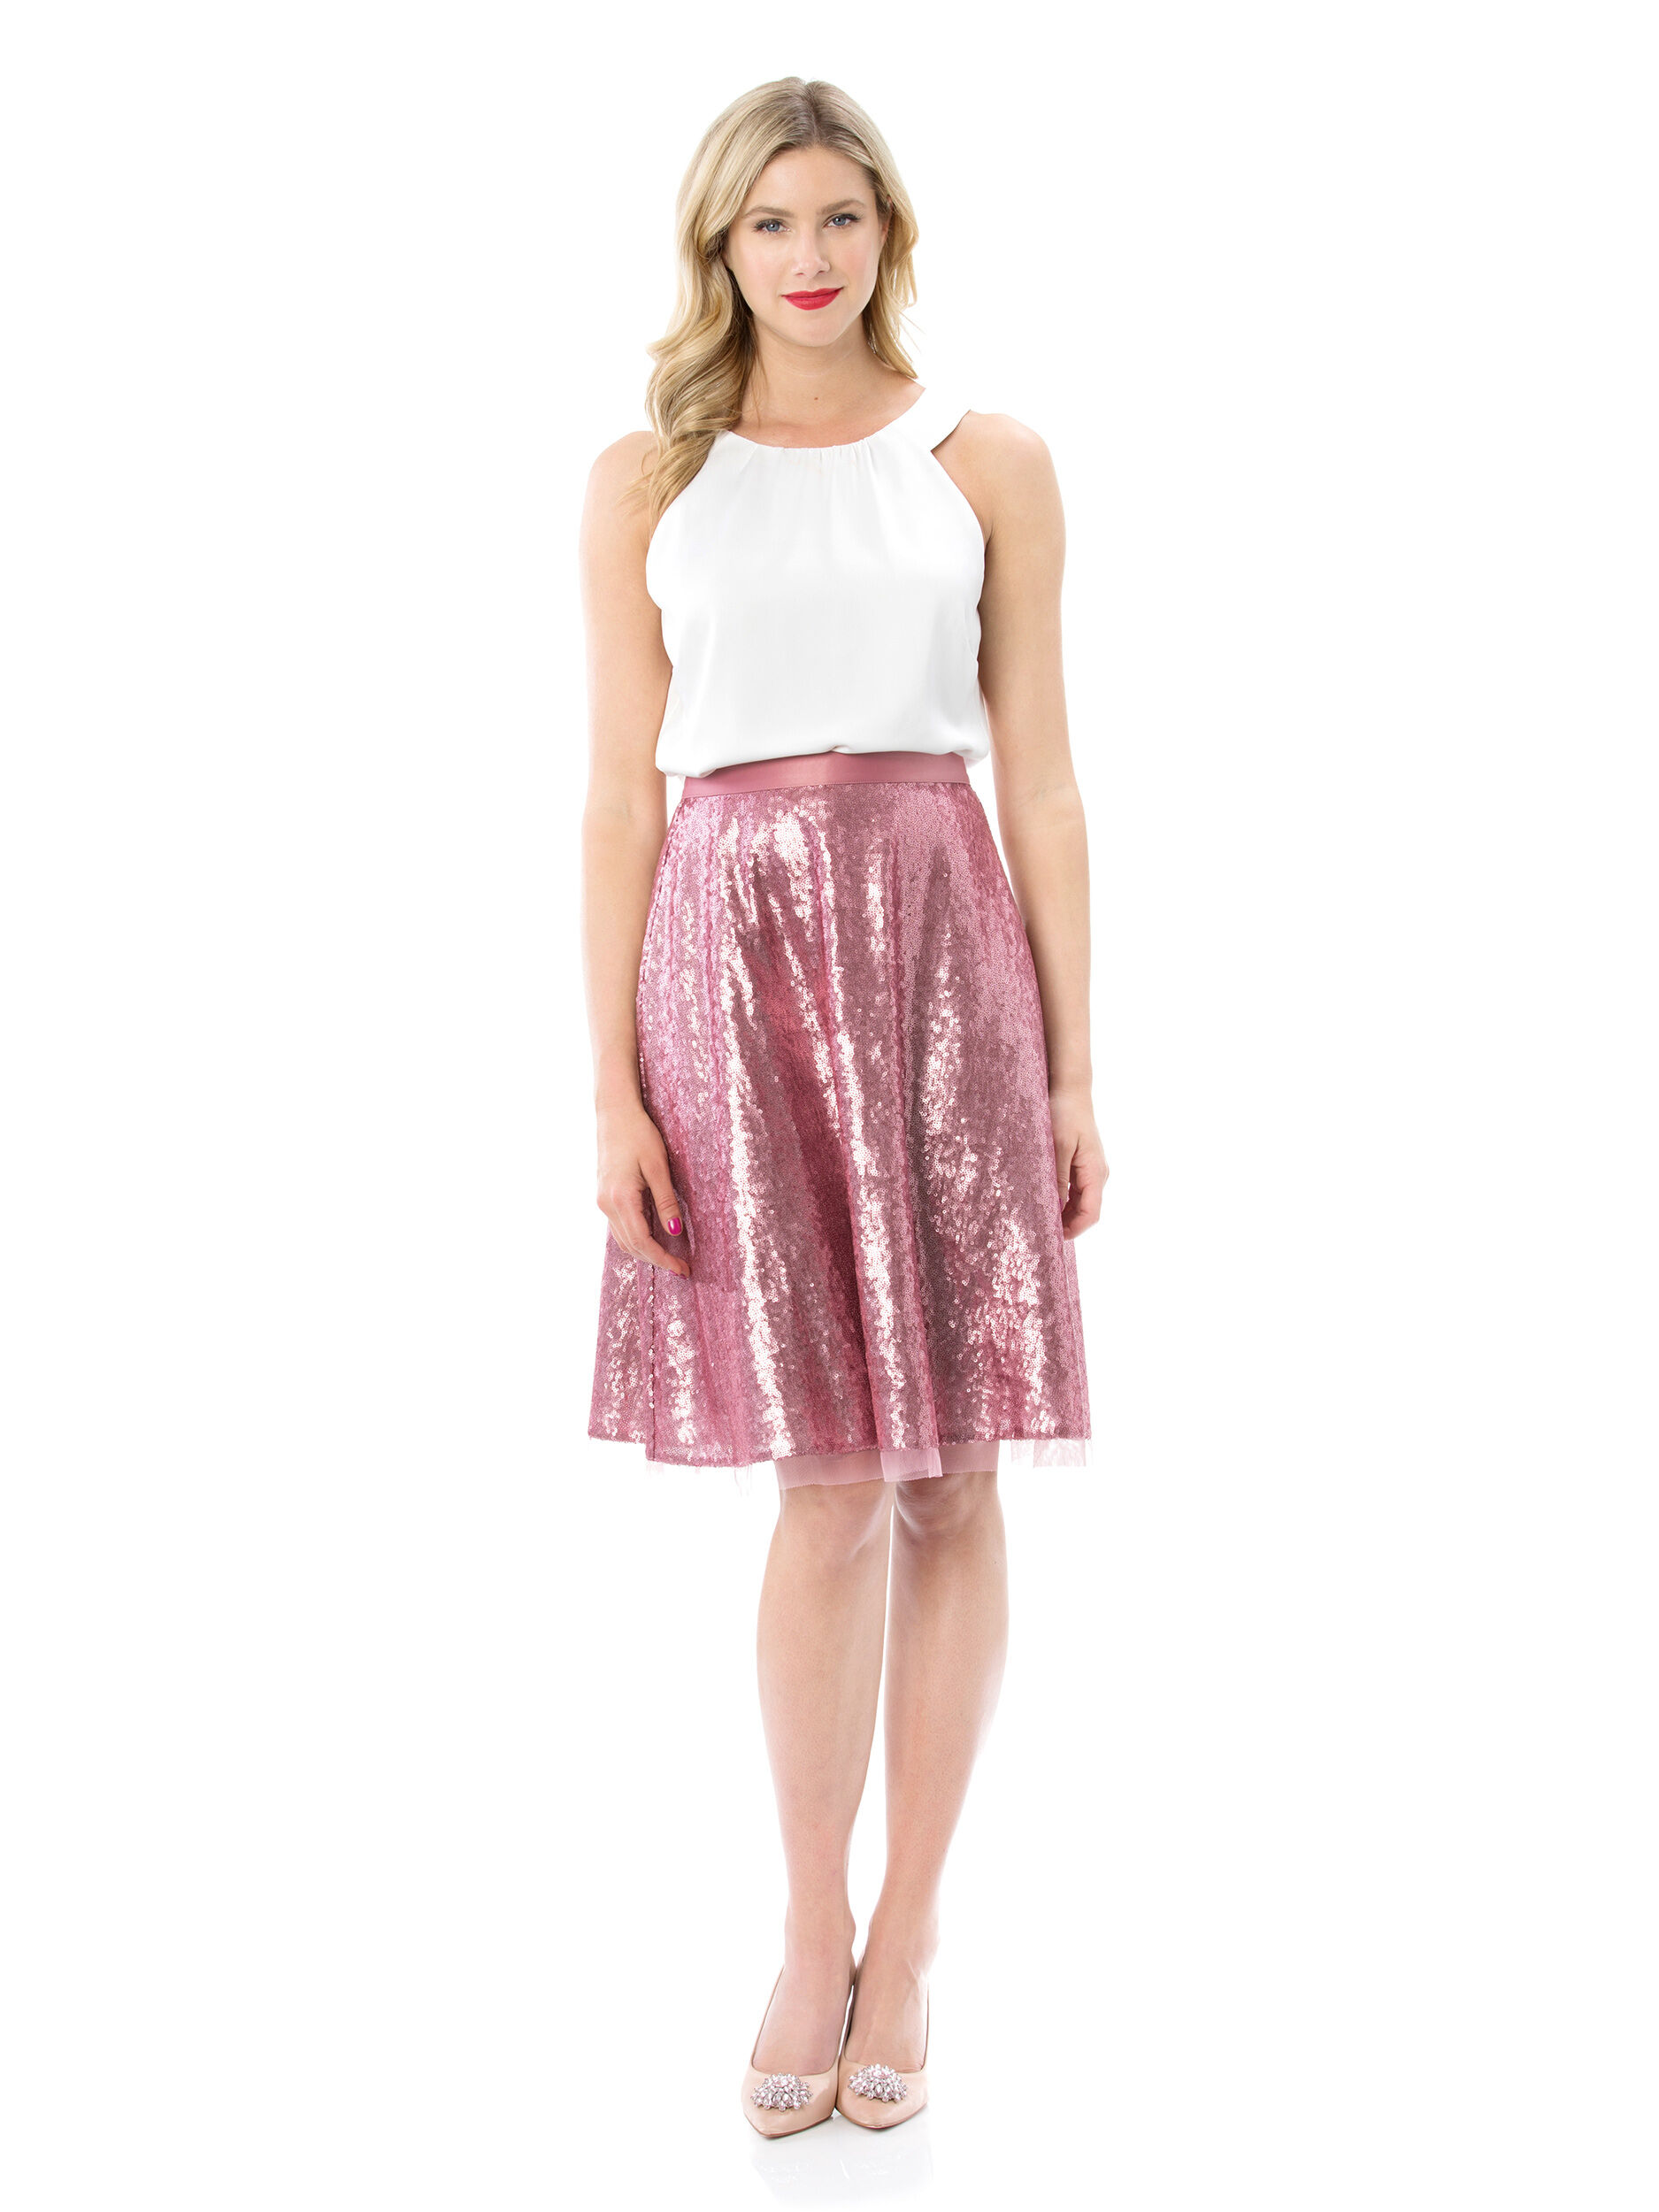 Glimmer Skirt